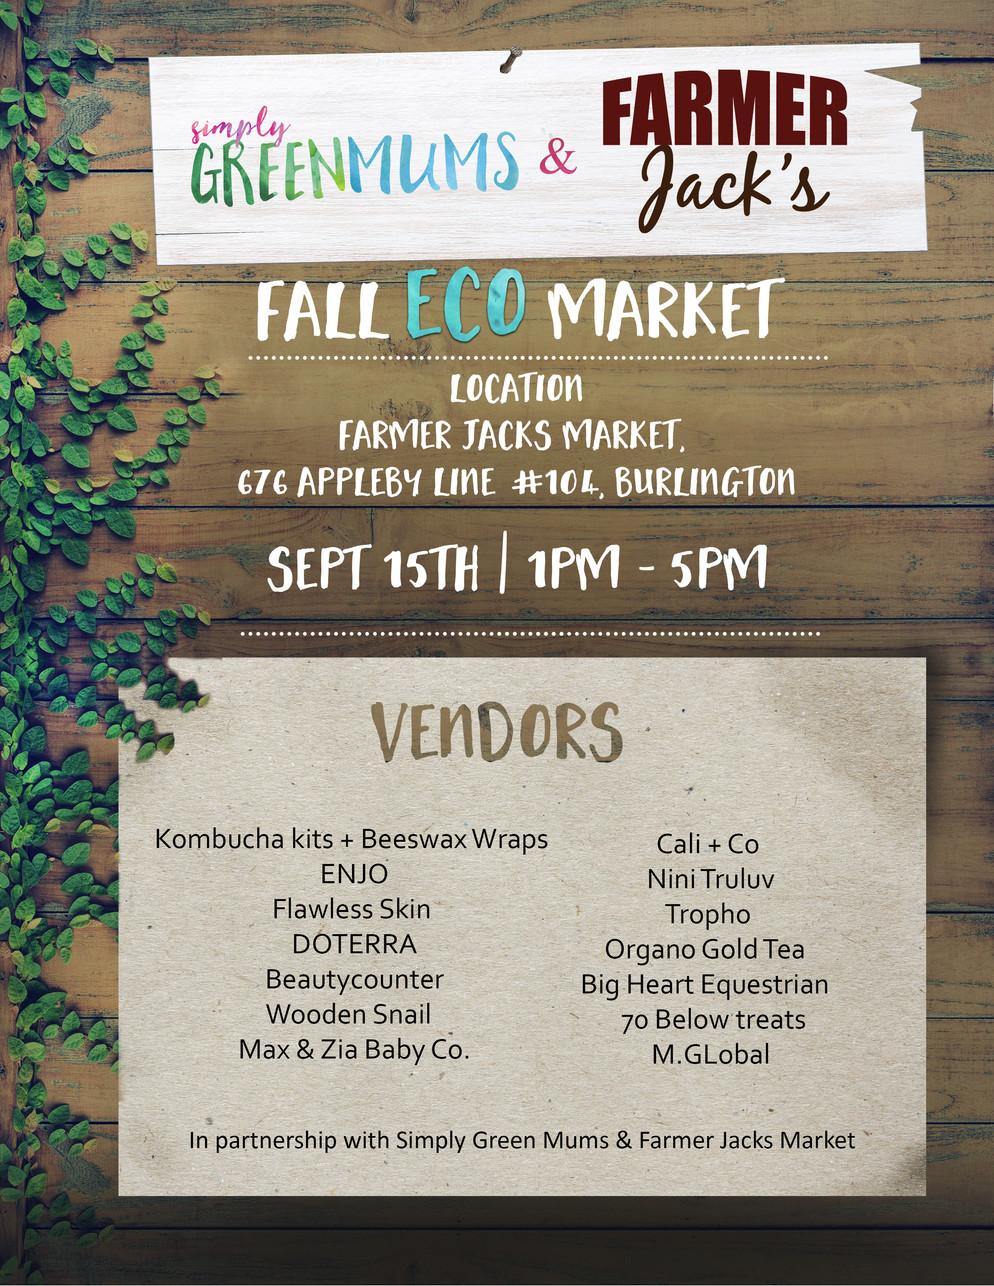 Fall Eco-Market in partnership with Farmer Jack's Market